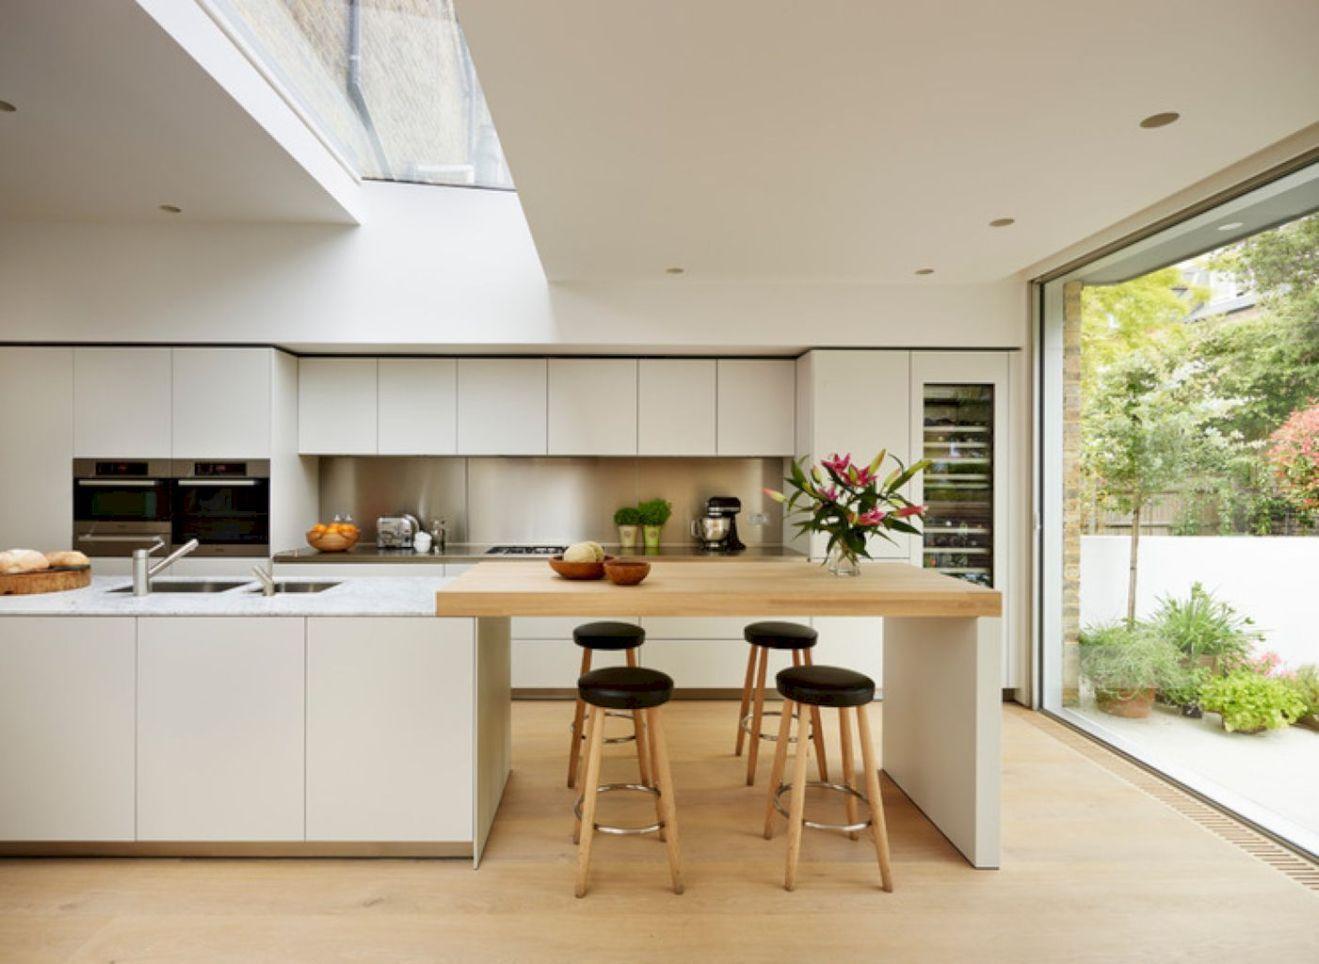 53 gorgeous modern scandinavian kitchen ideas beautiful homes rh pinterest com